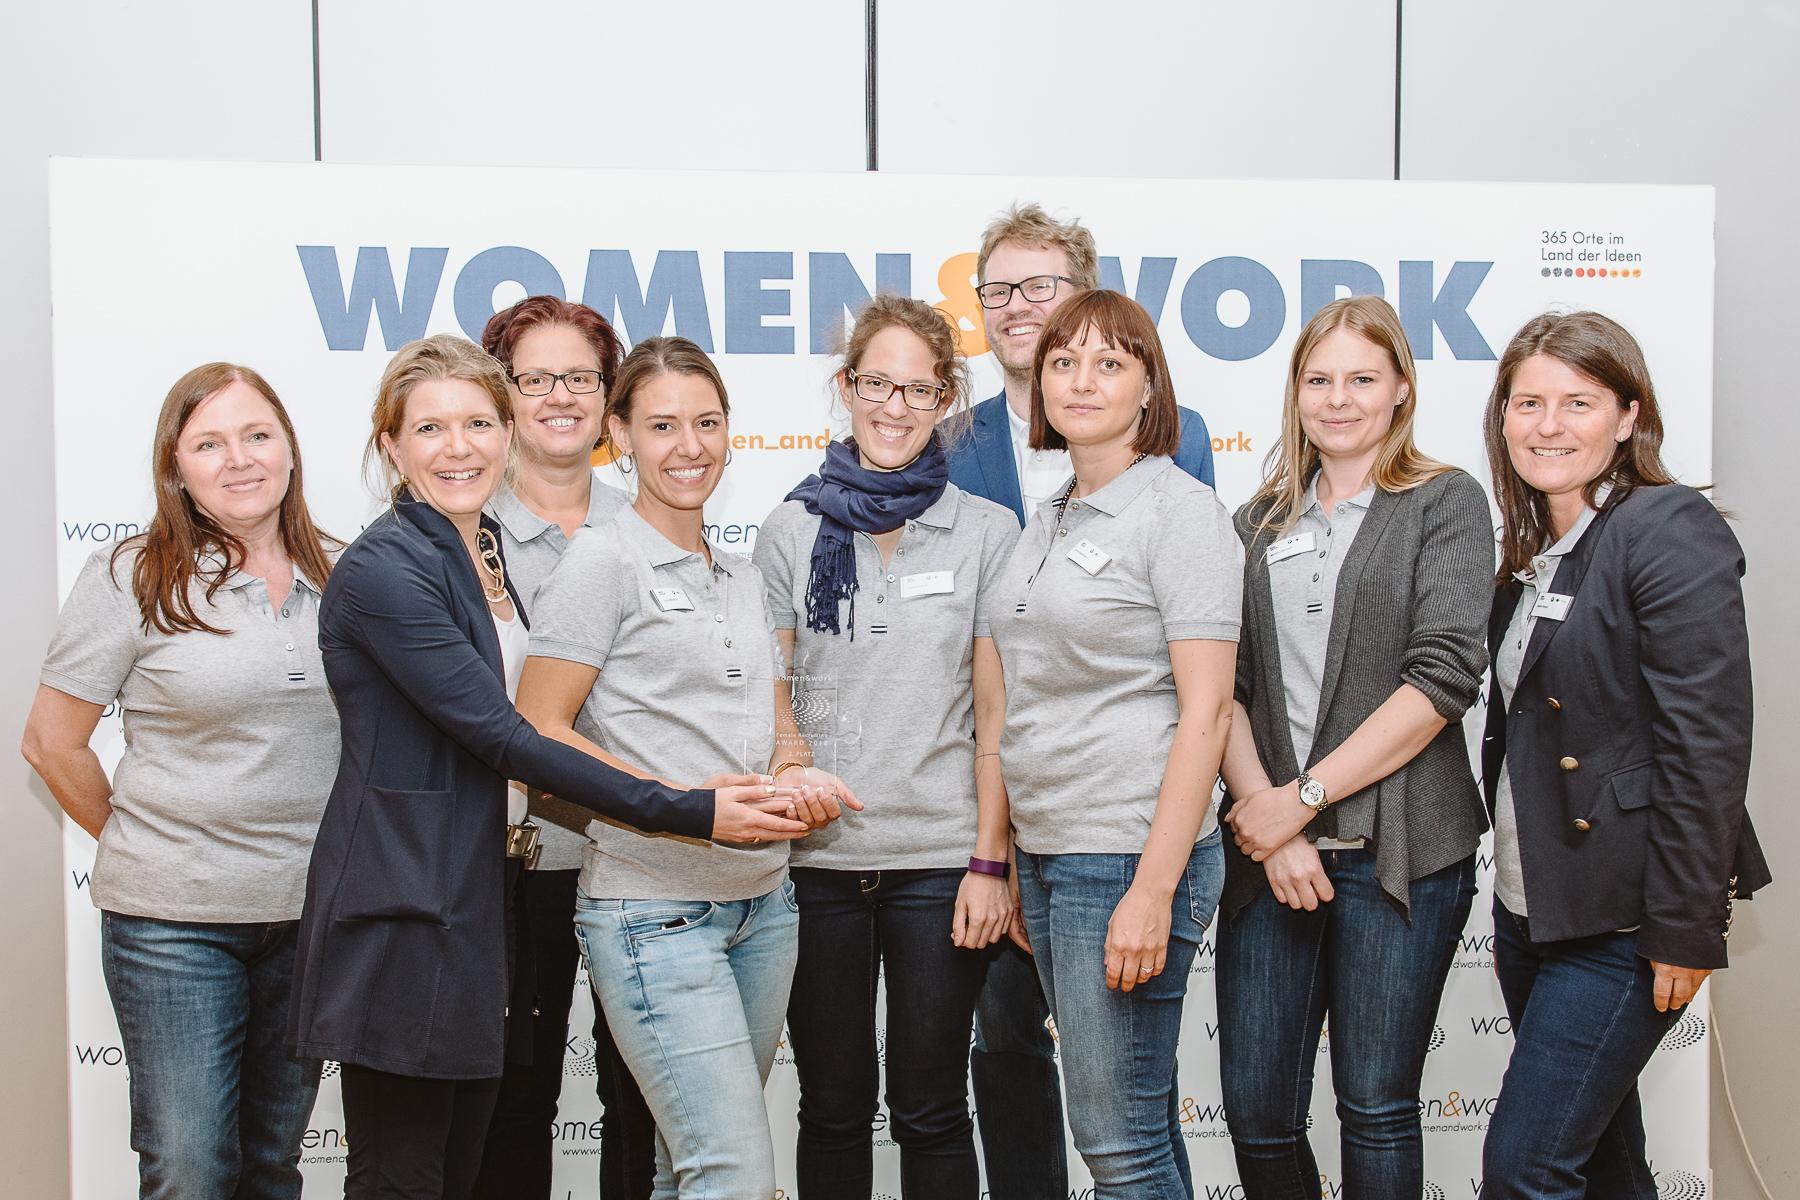 Kongressfotografie - women&work - Gruppenfoto eines Gewinnerteams mit Pokal